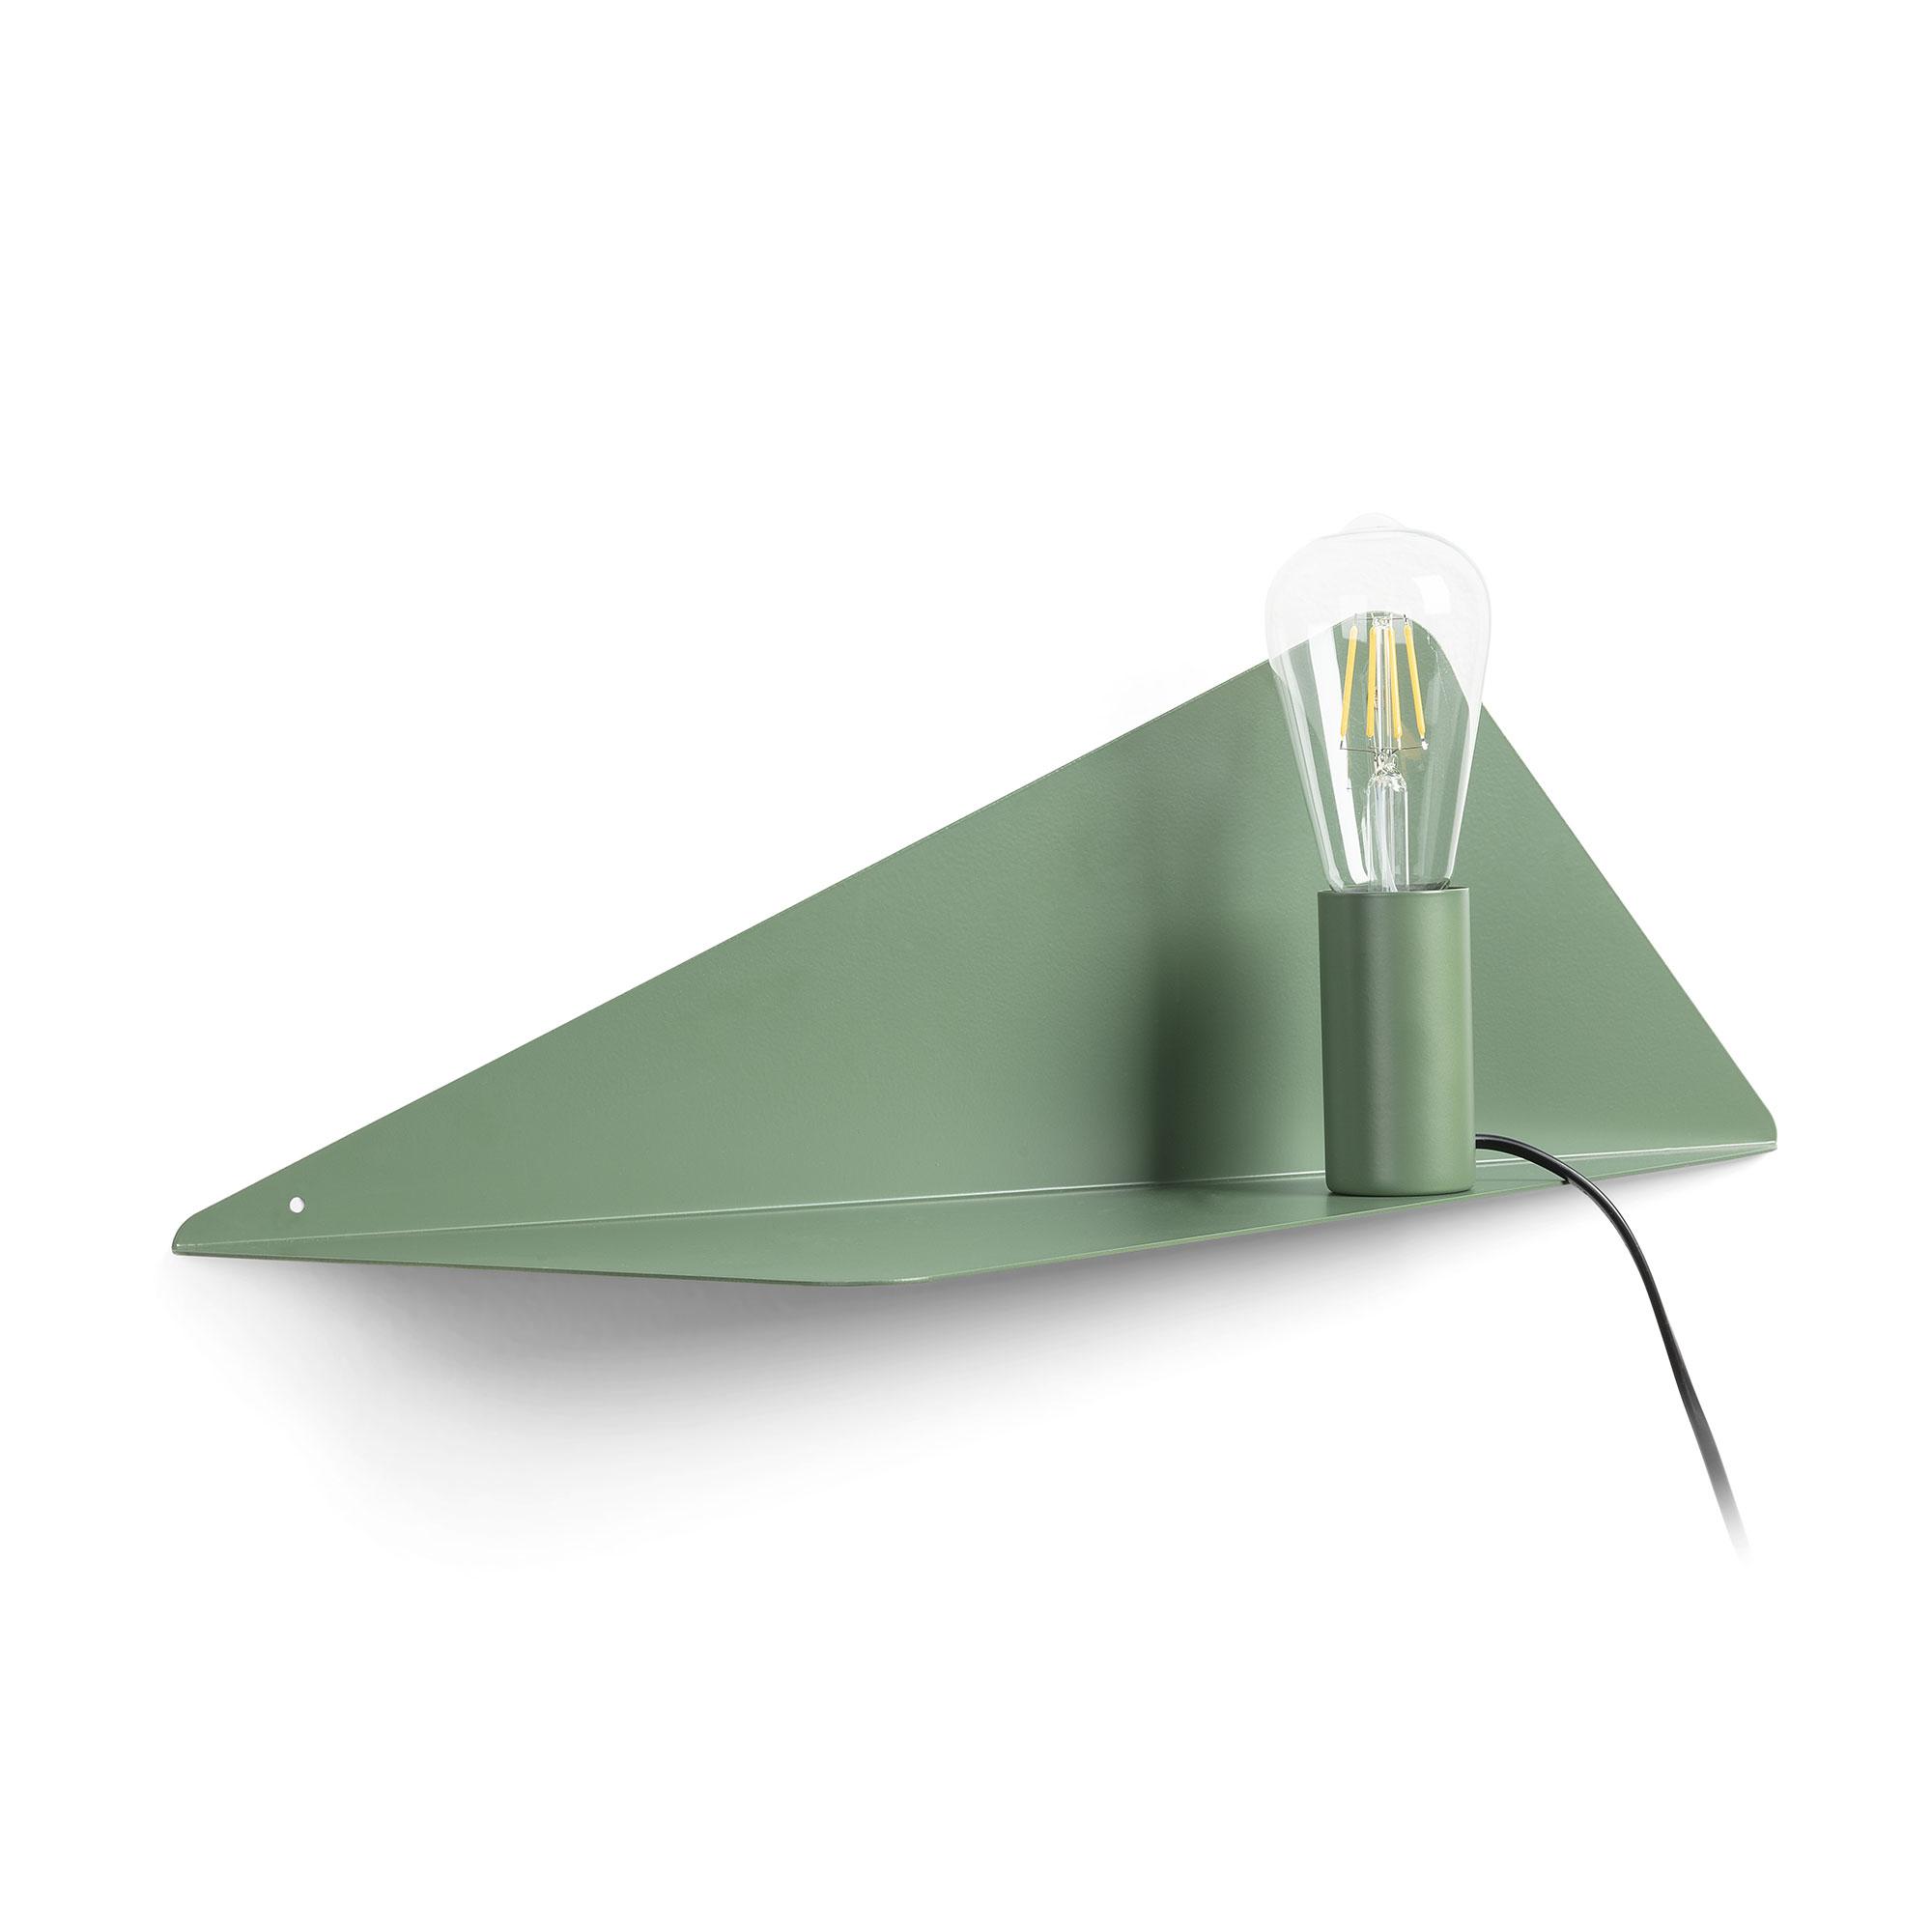 Verlichting | Wandlampen kopen van Kave Home